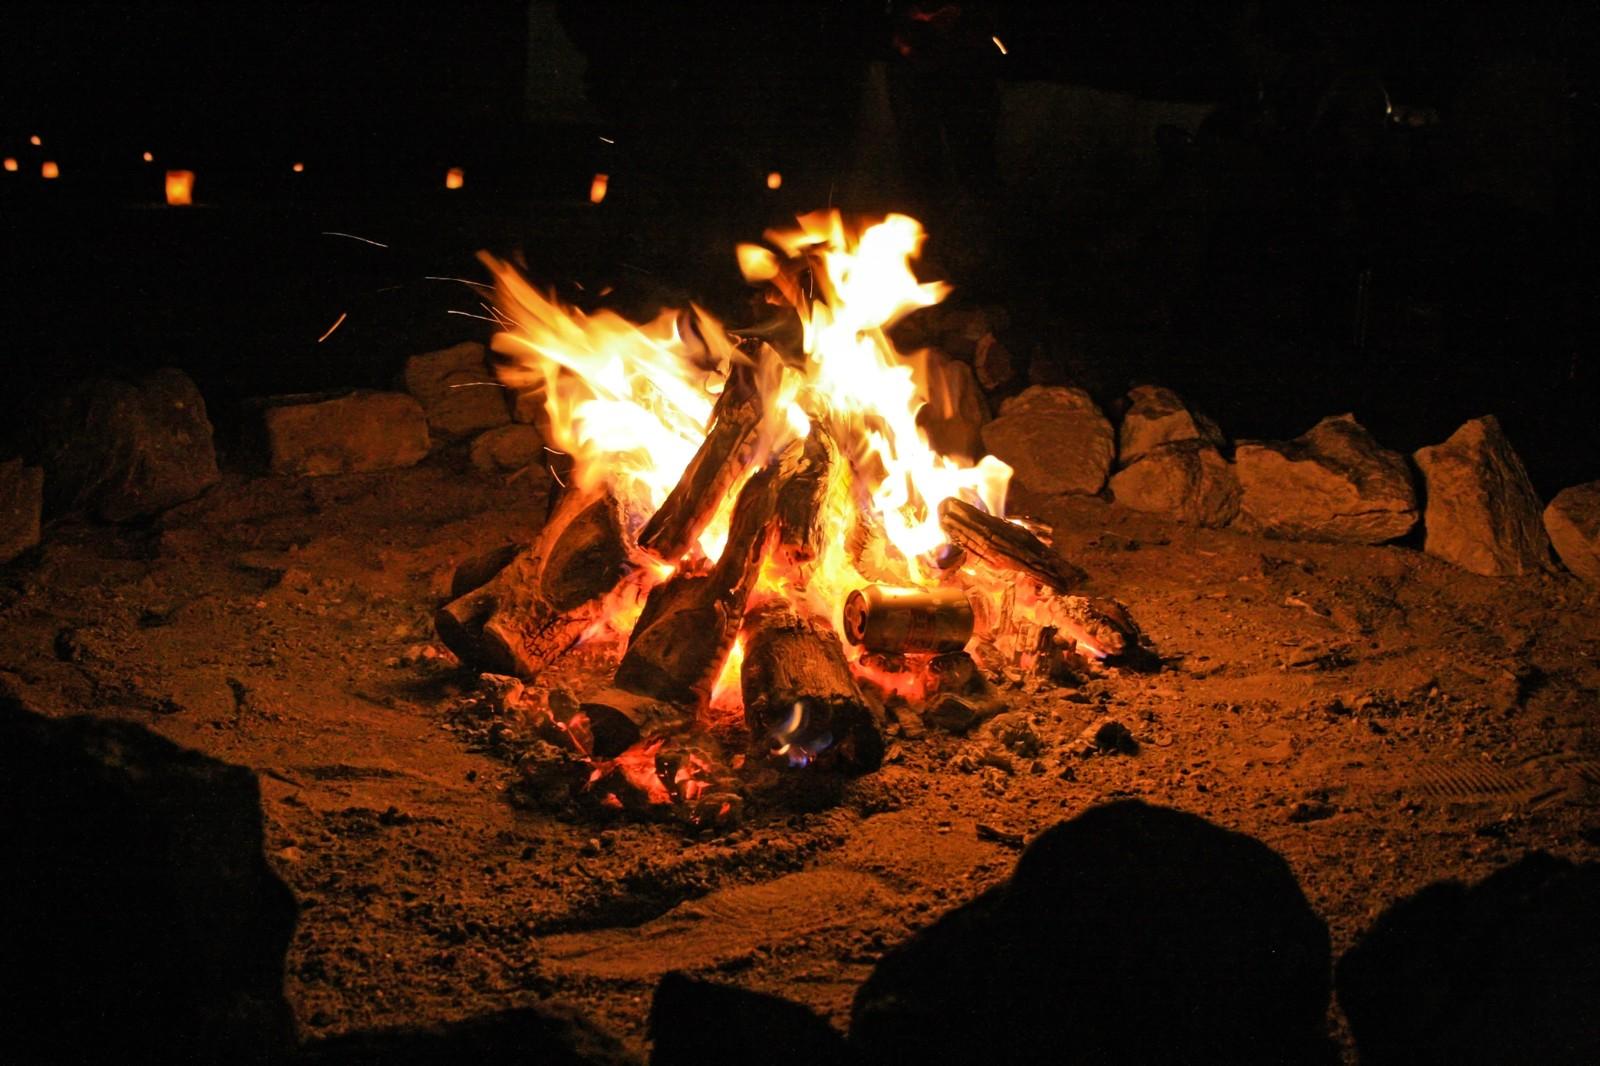 暖まる誰かが炎上するの見て お題「炎上」